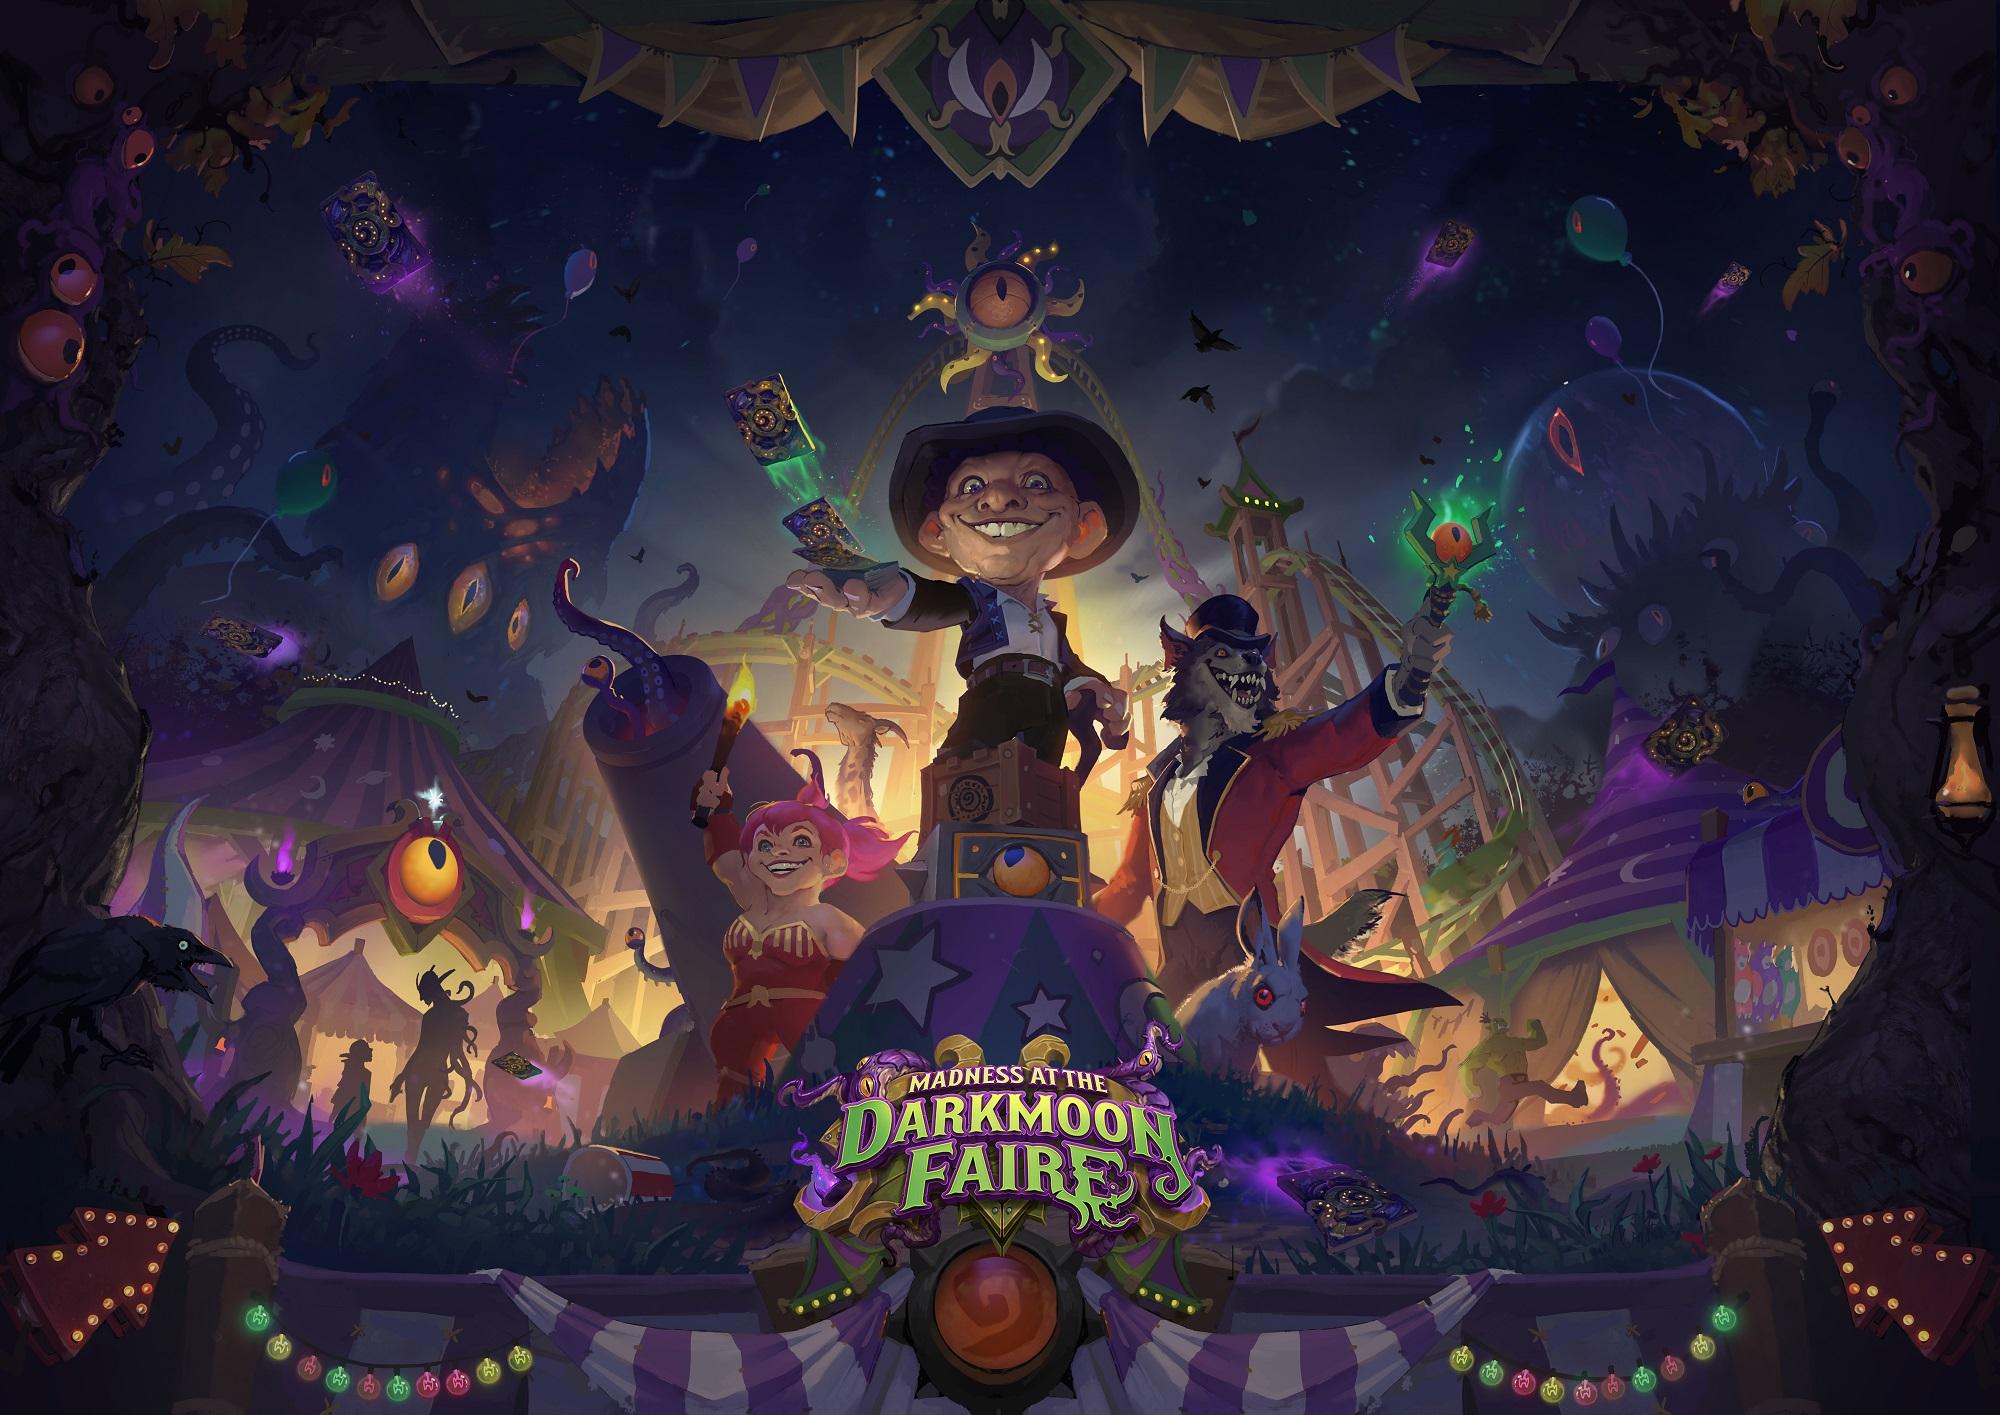 เทพโบราณกลับมาสู่ Hearthstone™ ใน Madness at the Darkmoon Faire™ เปิดให้เล่นในวันที่ 18 พฤศจิกายน (ตามเวลาประเทศไทย)